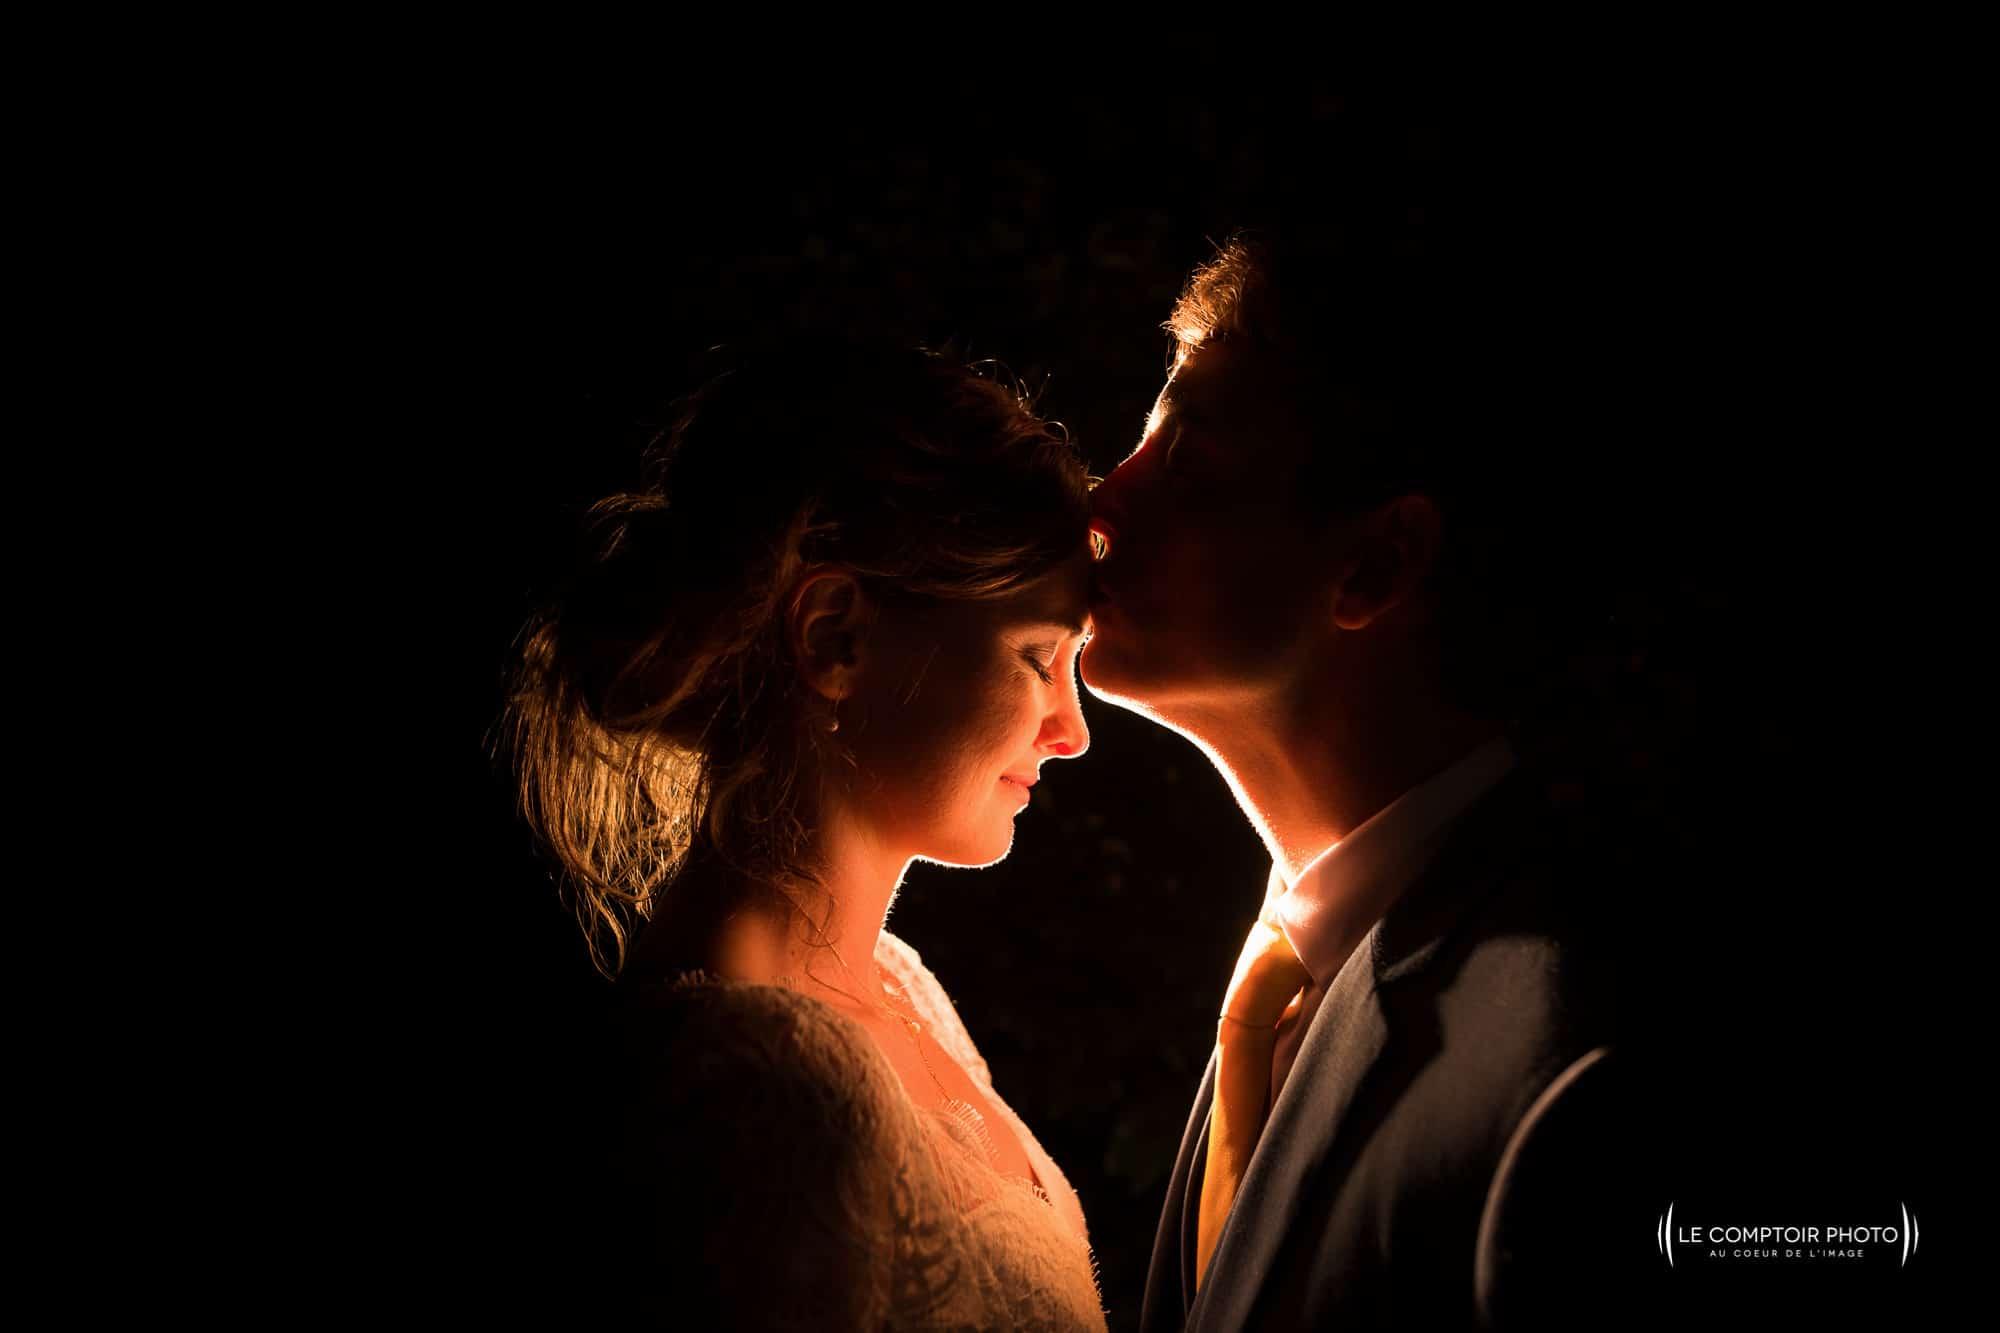 photographe à Saint-Brieuc dans les Côtes-d'Armor en Bretagne - séance couple de nuit